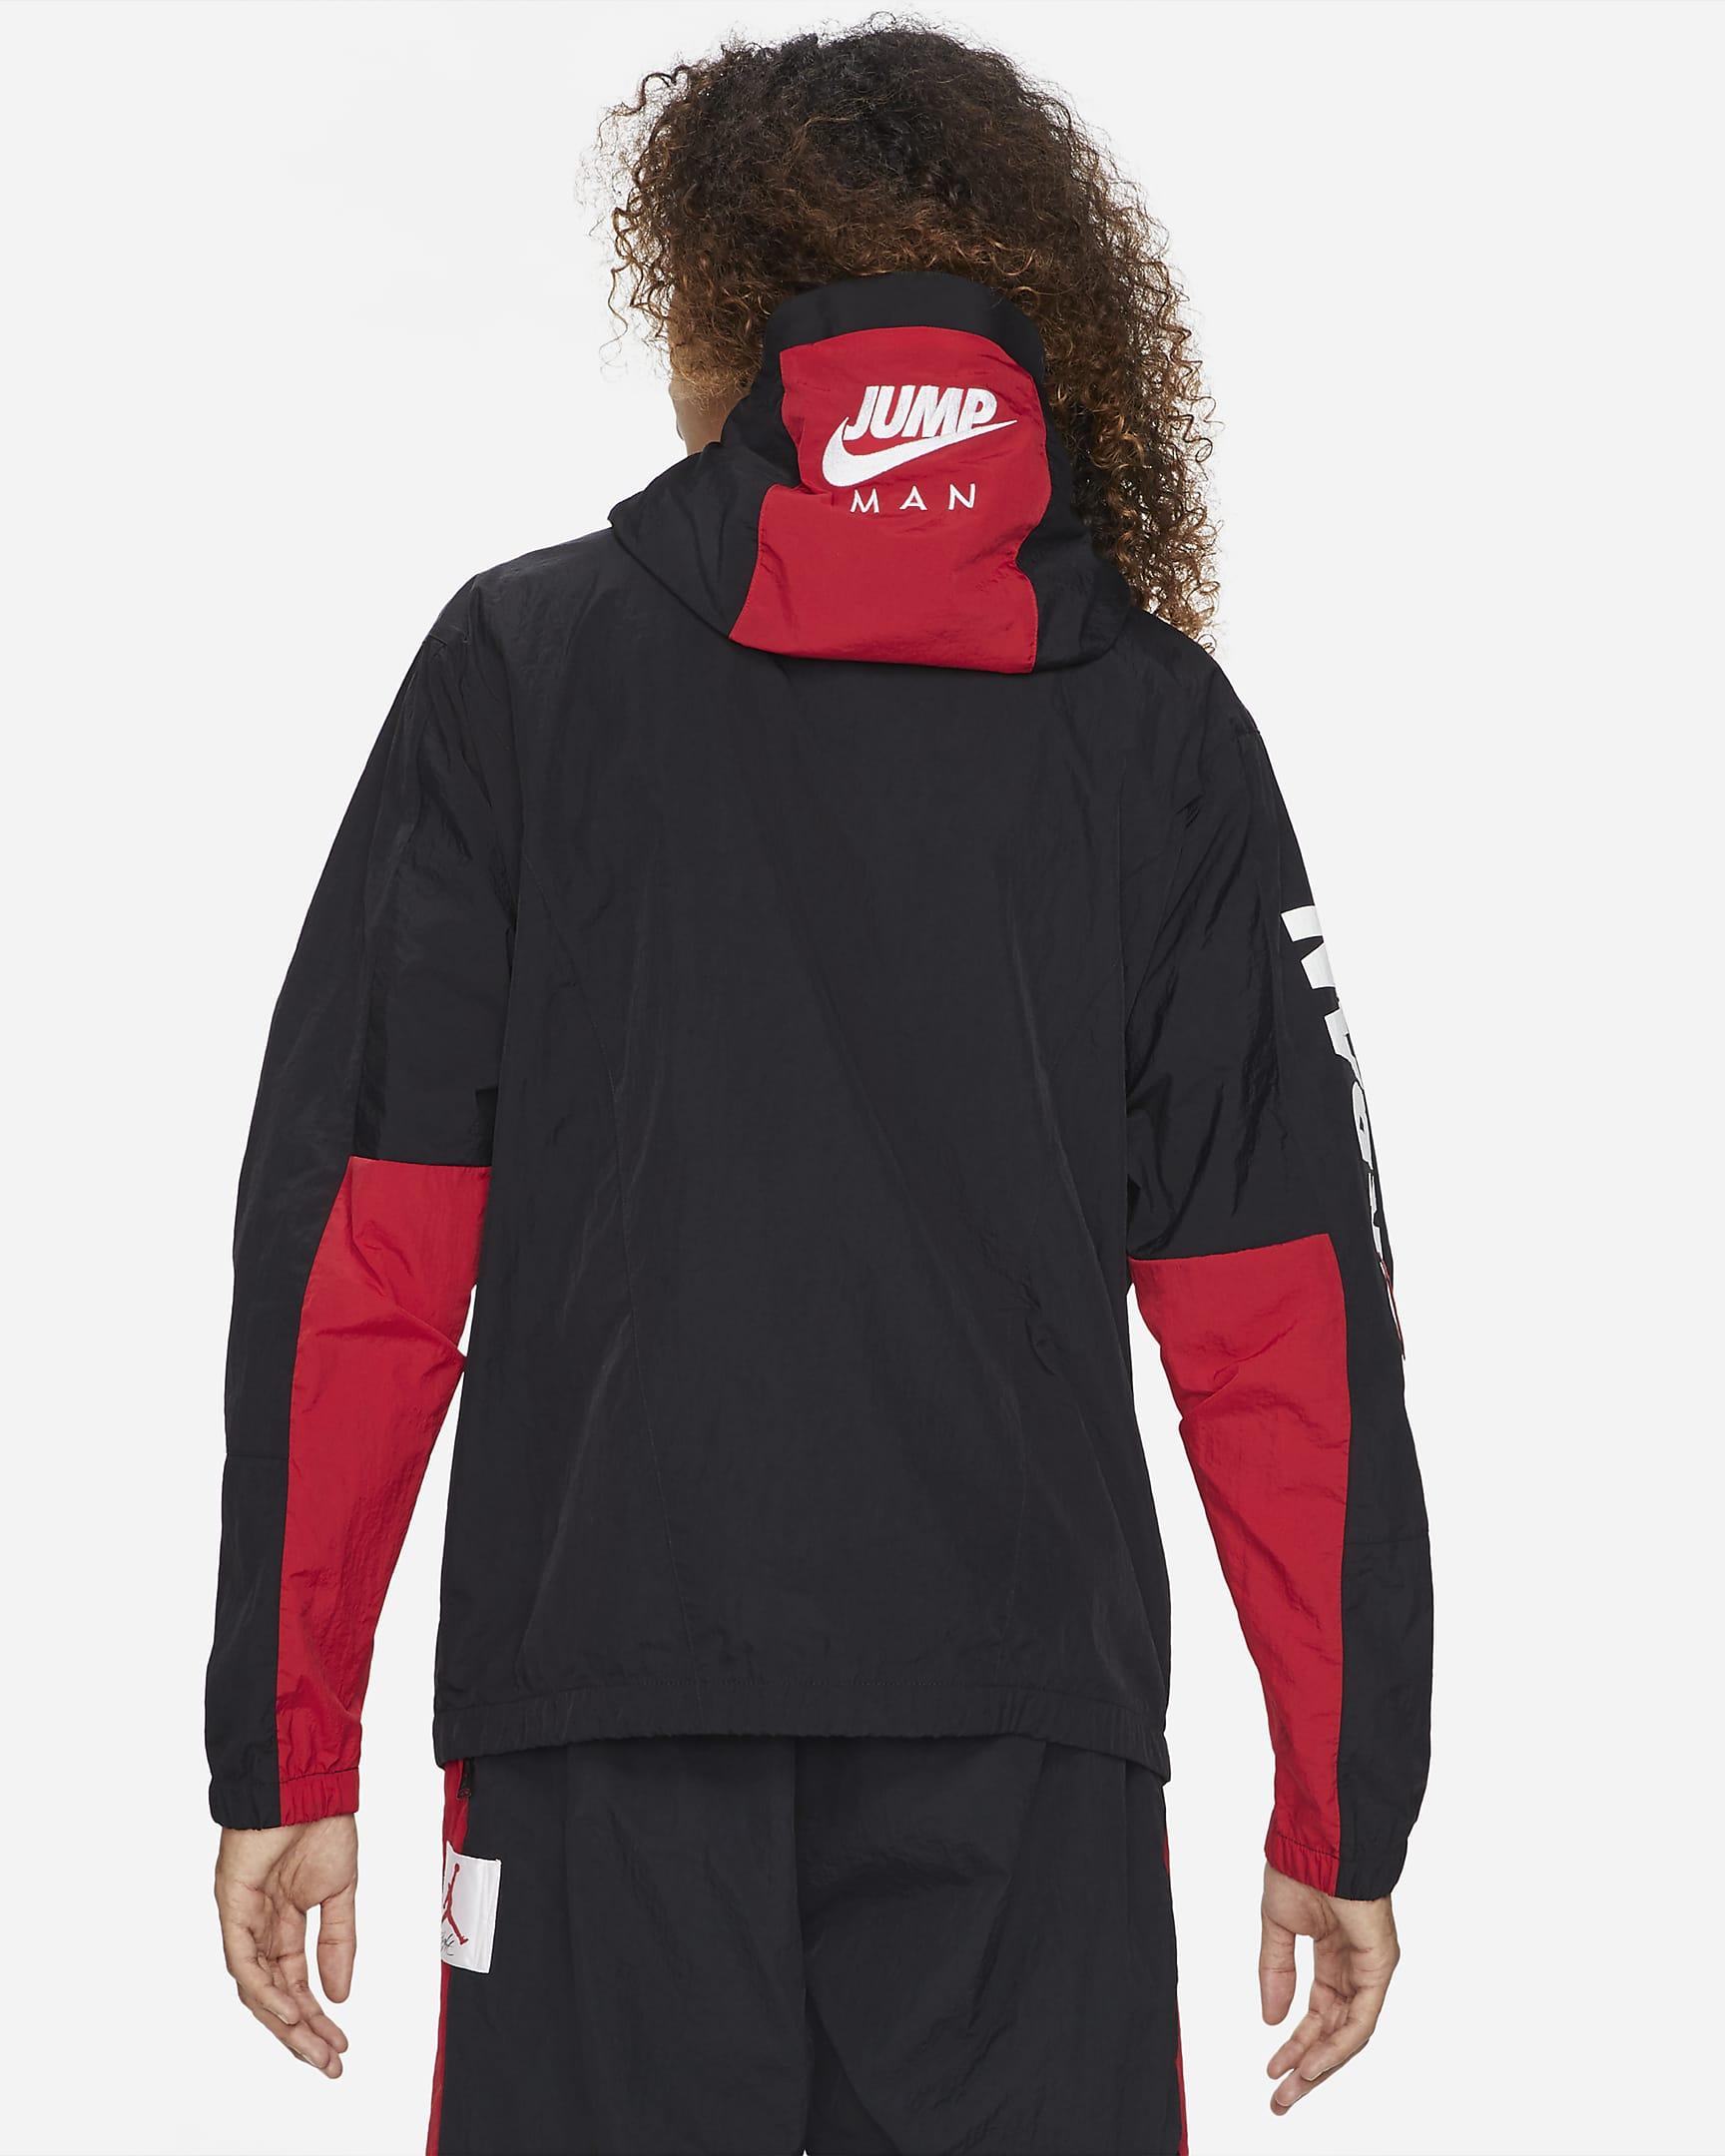 jordan-jumpman-classics-mens-jacket-PZkTs3-1